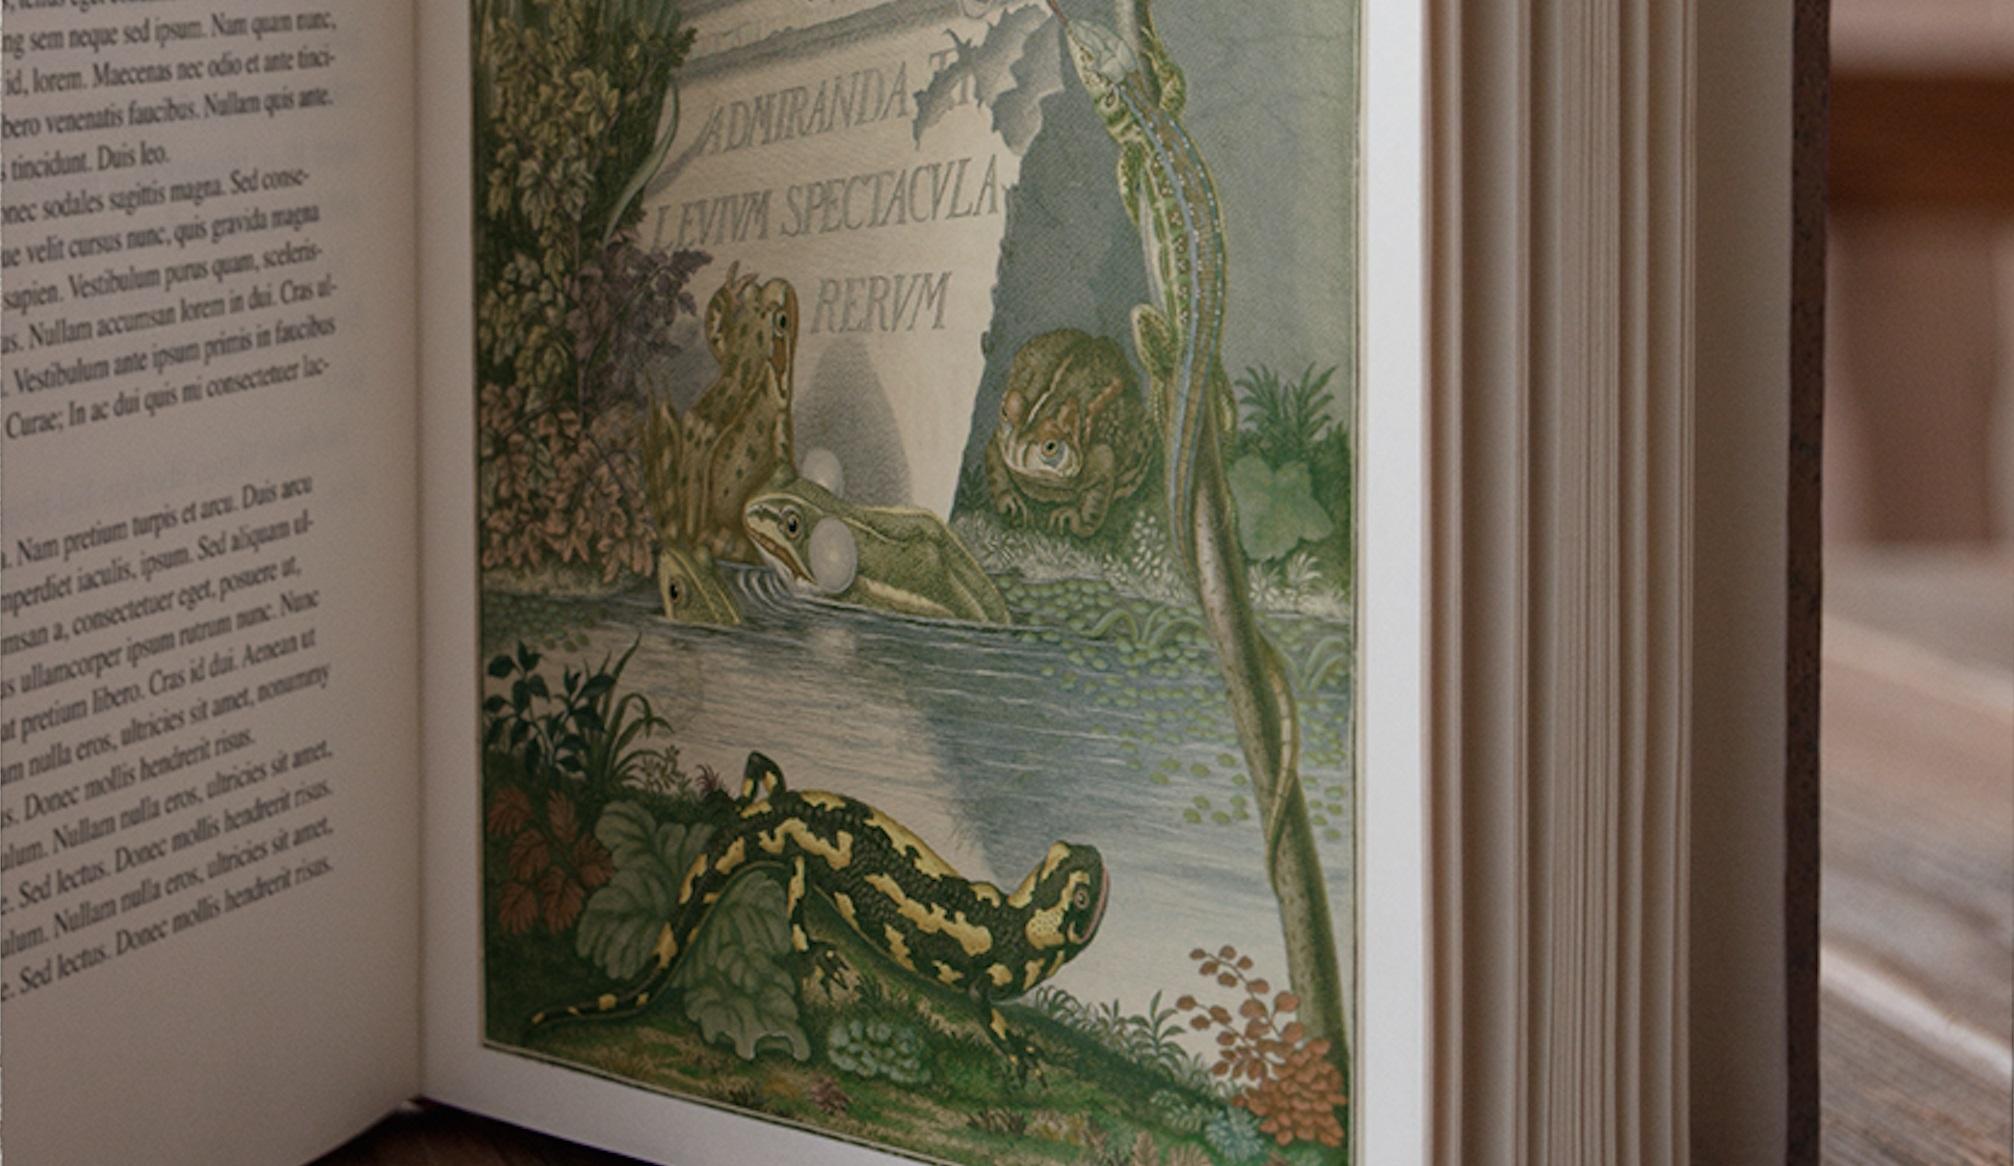 Les Grenouillades de Tomi Ungerer : lumière sur un ouvrage ancien remarquable